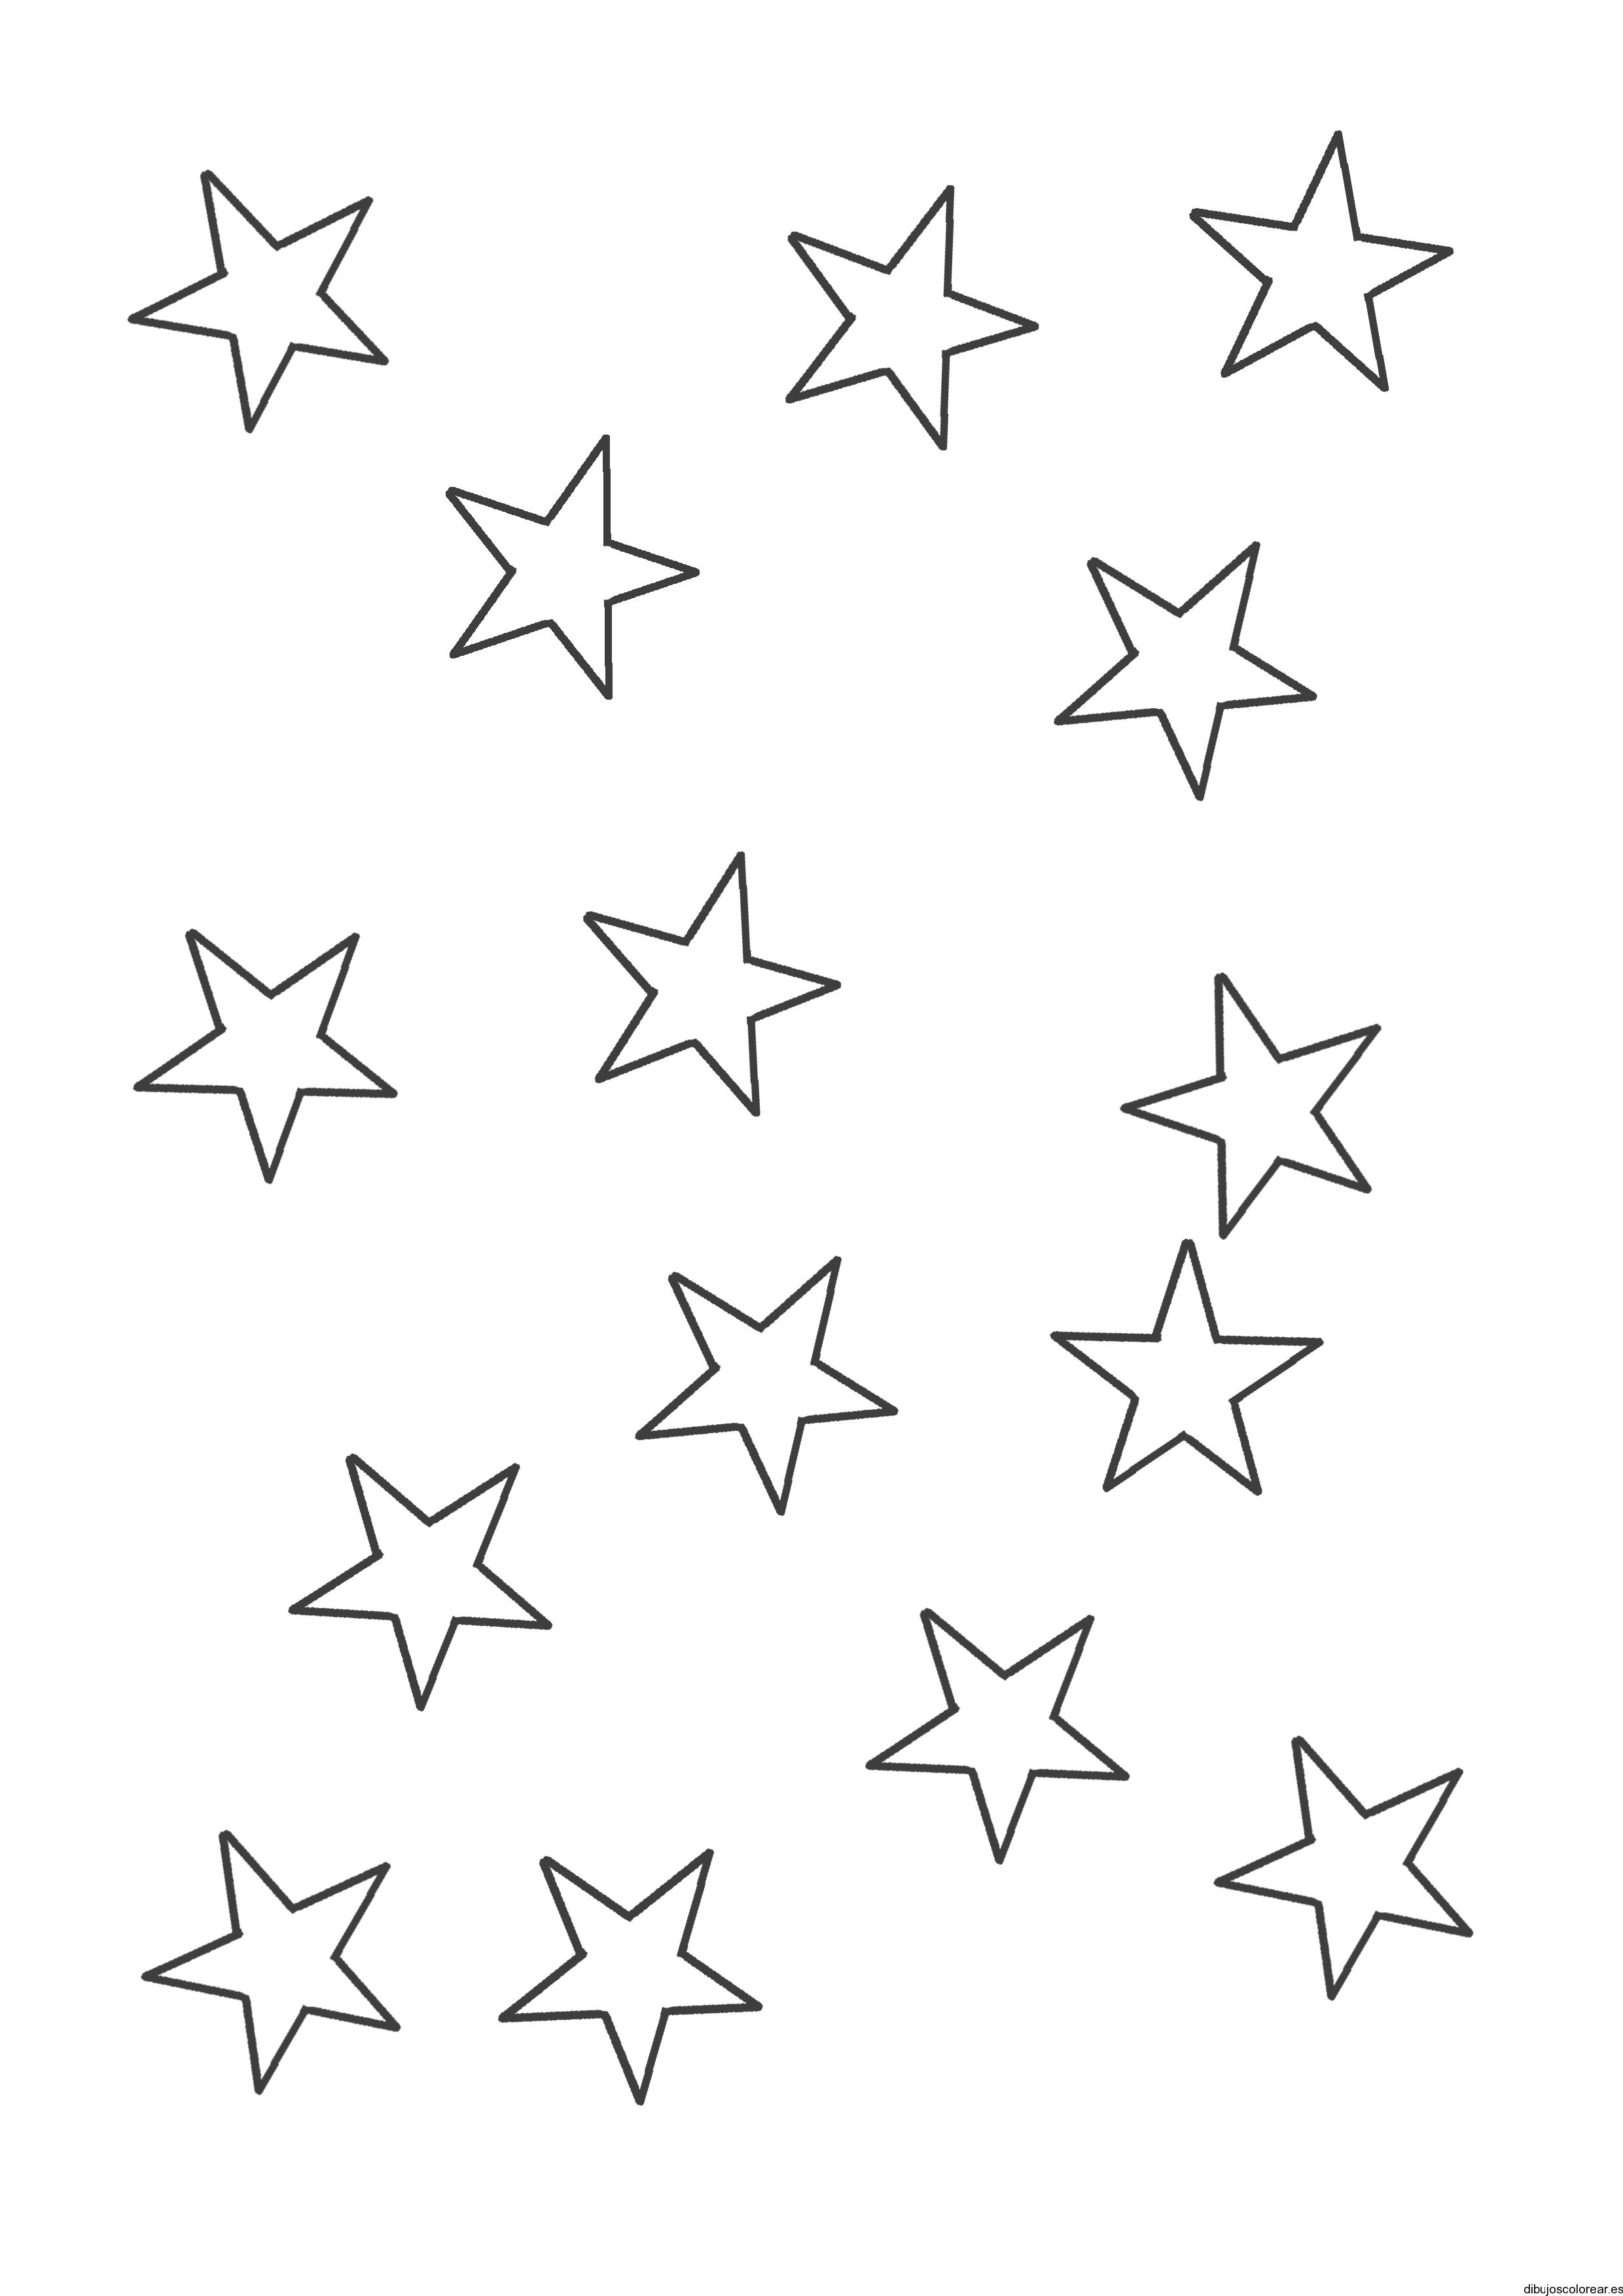 Dibujo De Estrellas Medianas